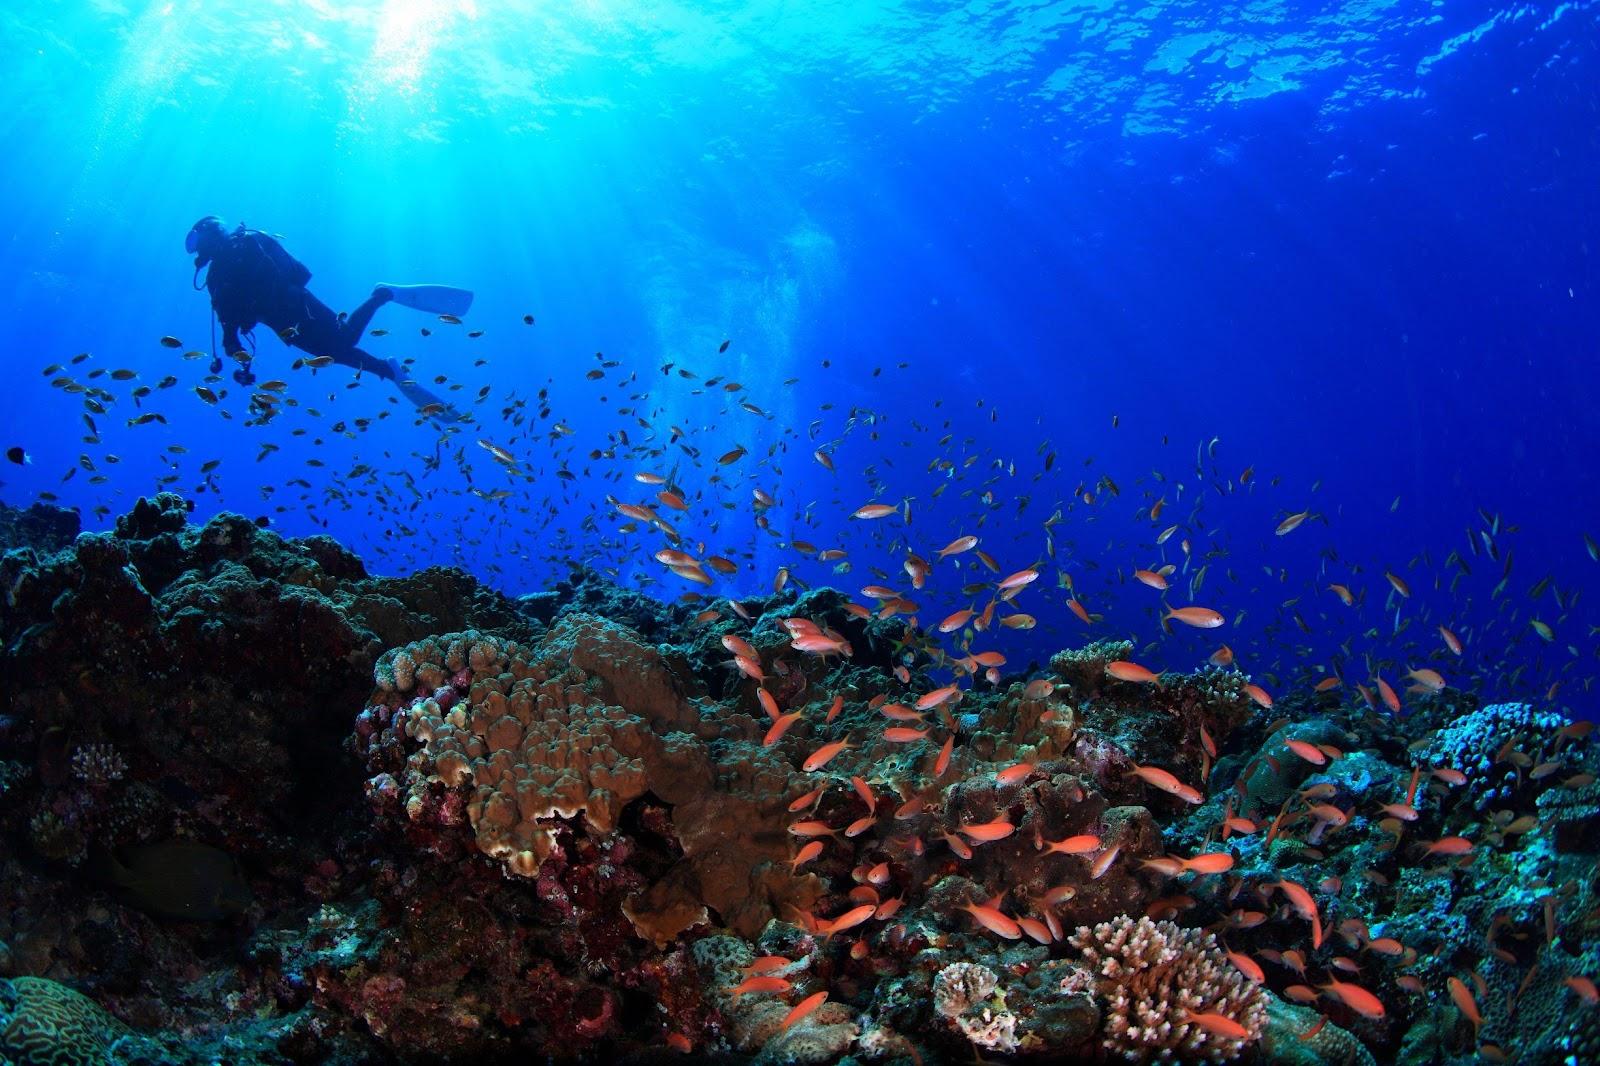 加入沖繩浮潛行程更可漫遊海中欣賞絕美七彩珊瑚礁,甚至與彩色熱帶魚群共舞。